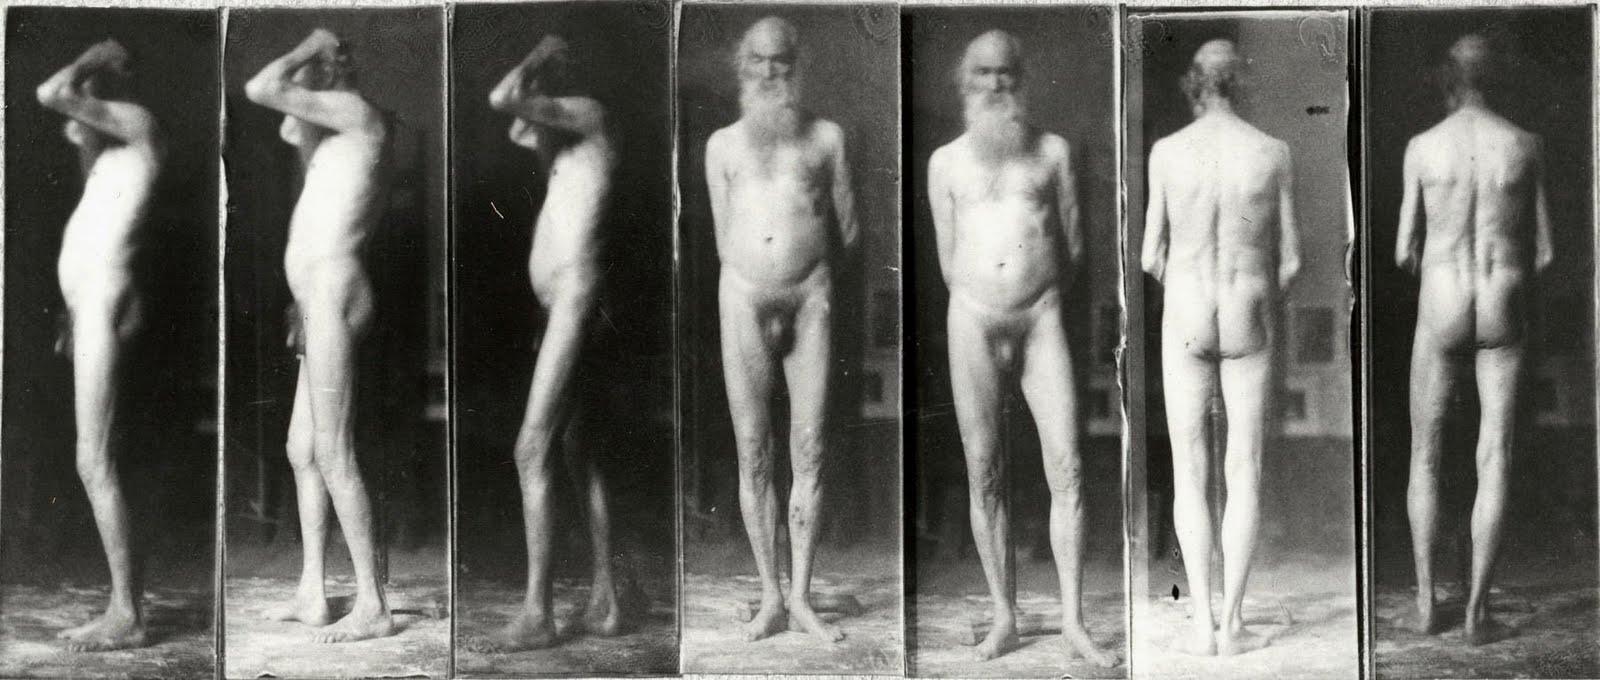 http://www.queerty.com/bill-hemmers-heterosexuality-breaks-out ...: ziwikocagyr.netii.net/bill-hemmer-nude-pics.html